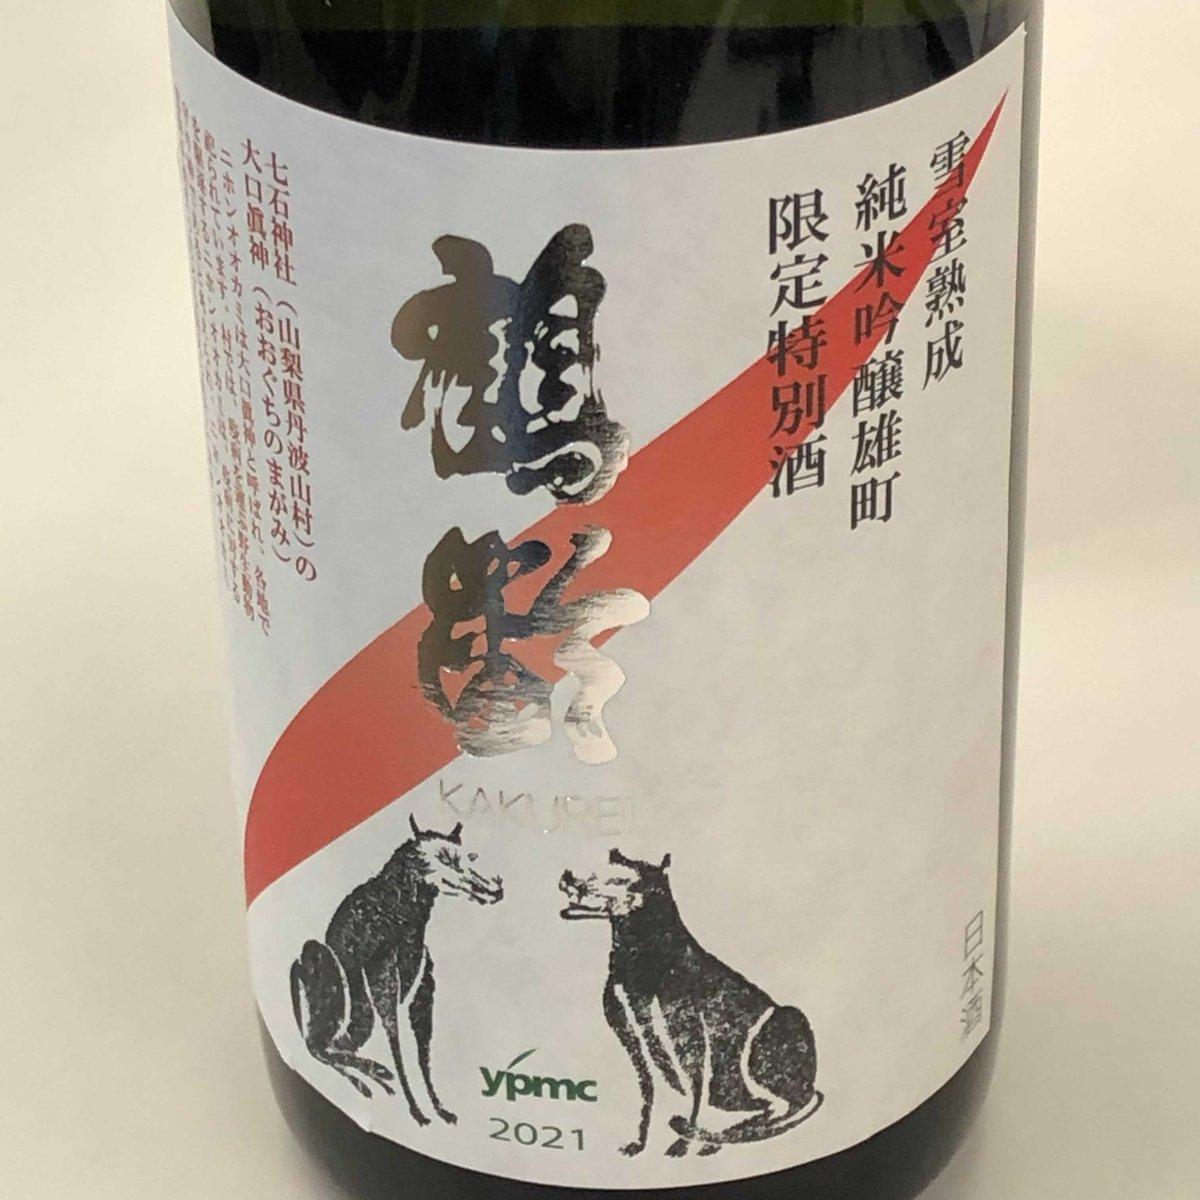 test ツイッターメディア - 今年も青木酒造さん(@kakurei1717)から「鶴齢(かくれい 」山下PMC限定特別酒が届きました。 年末年始にかけて、お世話になった大切なお客さま、パートナー企業さまにお渡しします。 https://t.co/6aj4GUsCGI